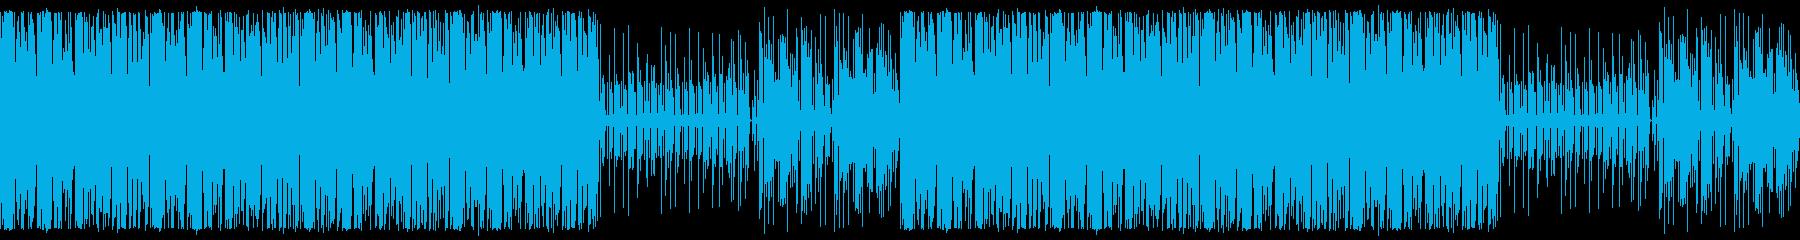 かわいいホリデーBGMの再生済みの波形